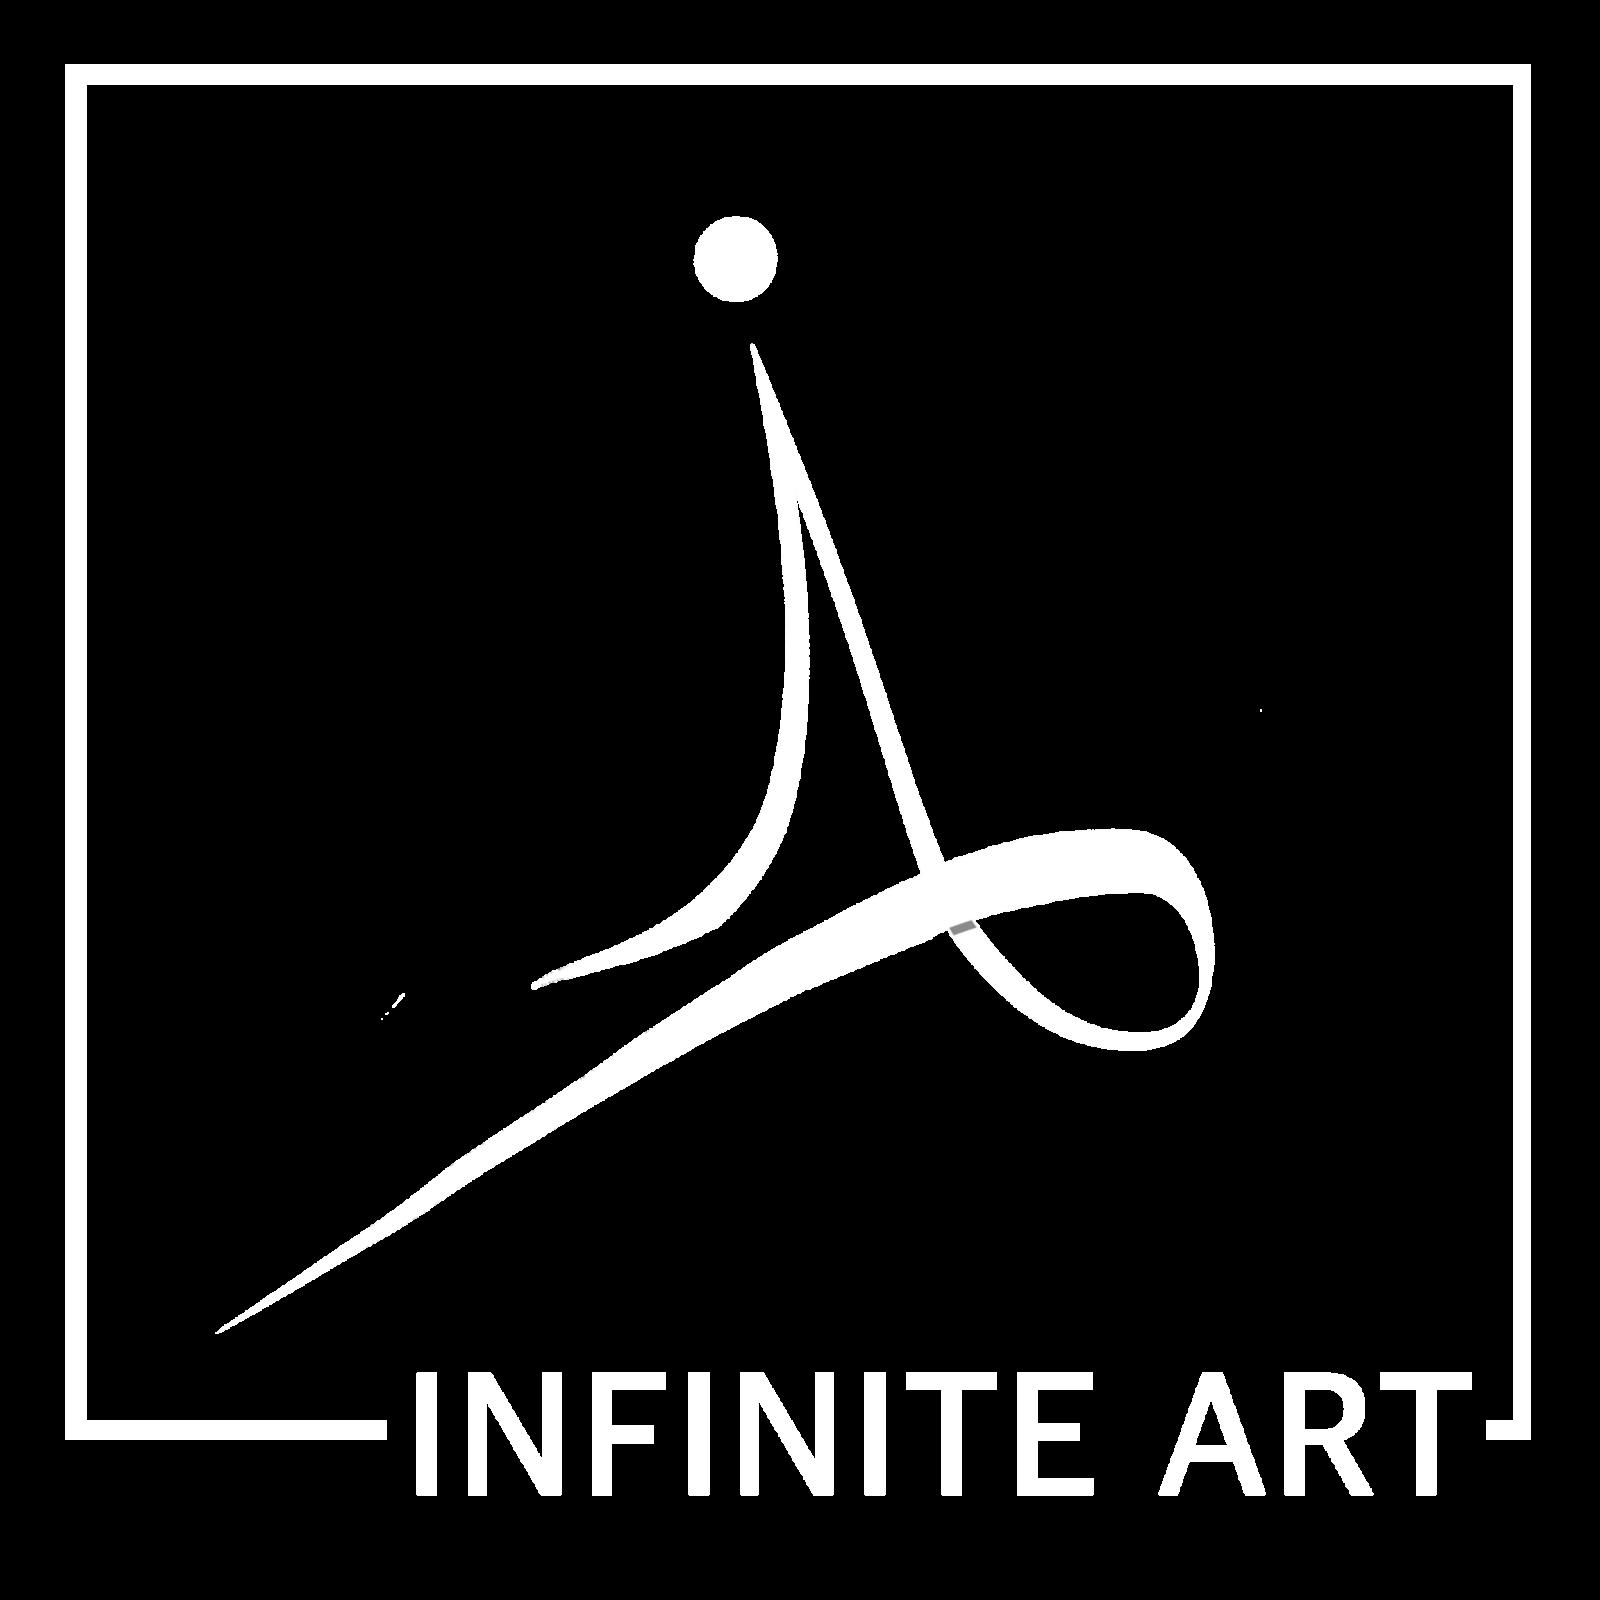 Infinite Art